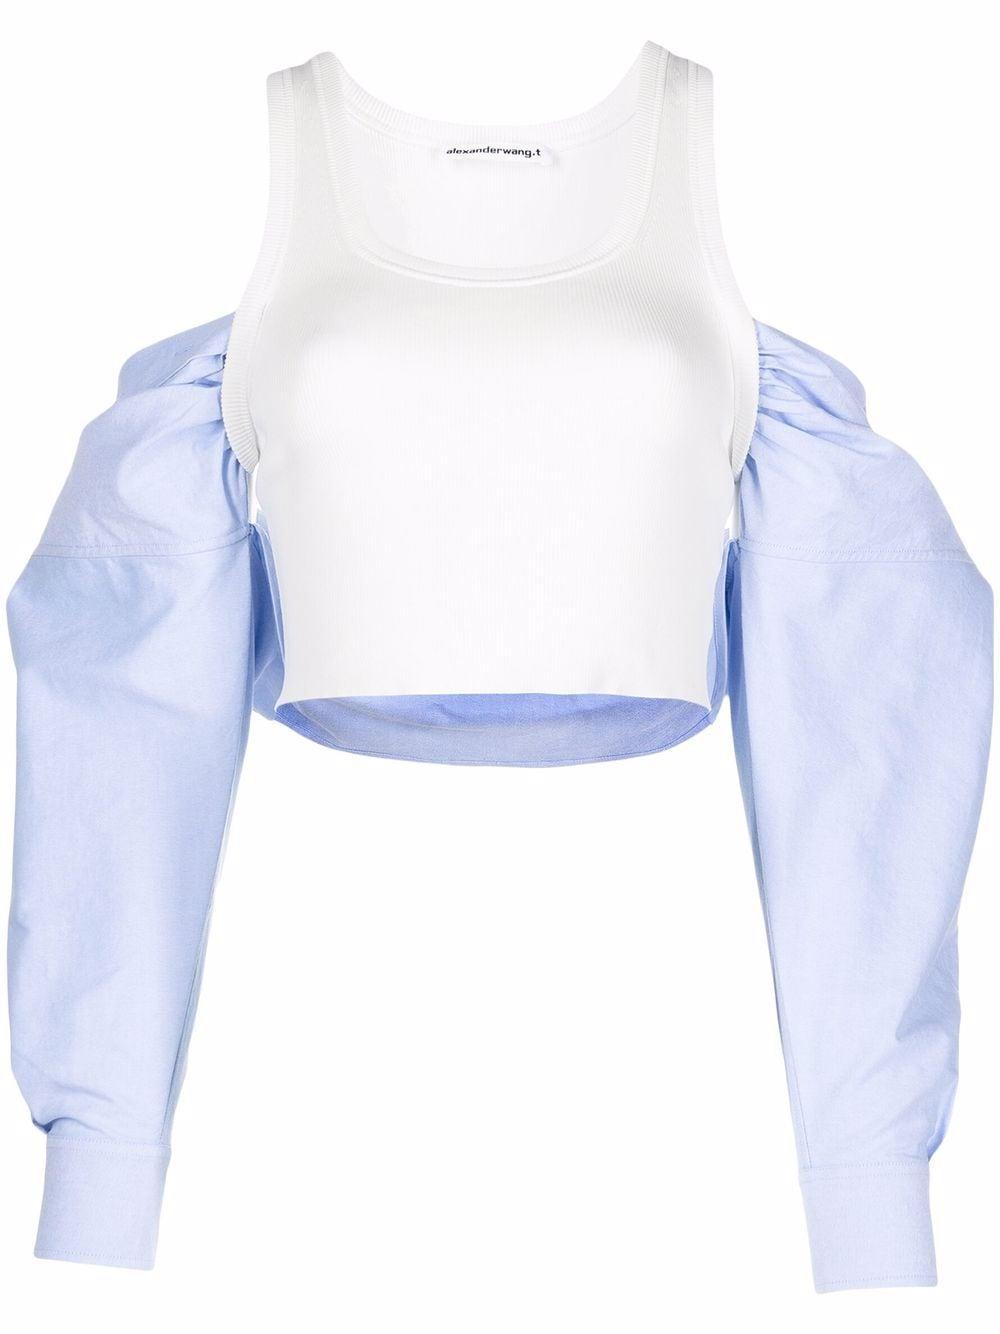 <p class='small-title'>ALEXANDERWANG.T</p>Shirt Top